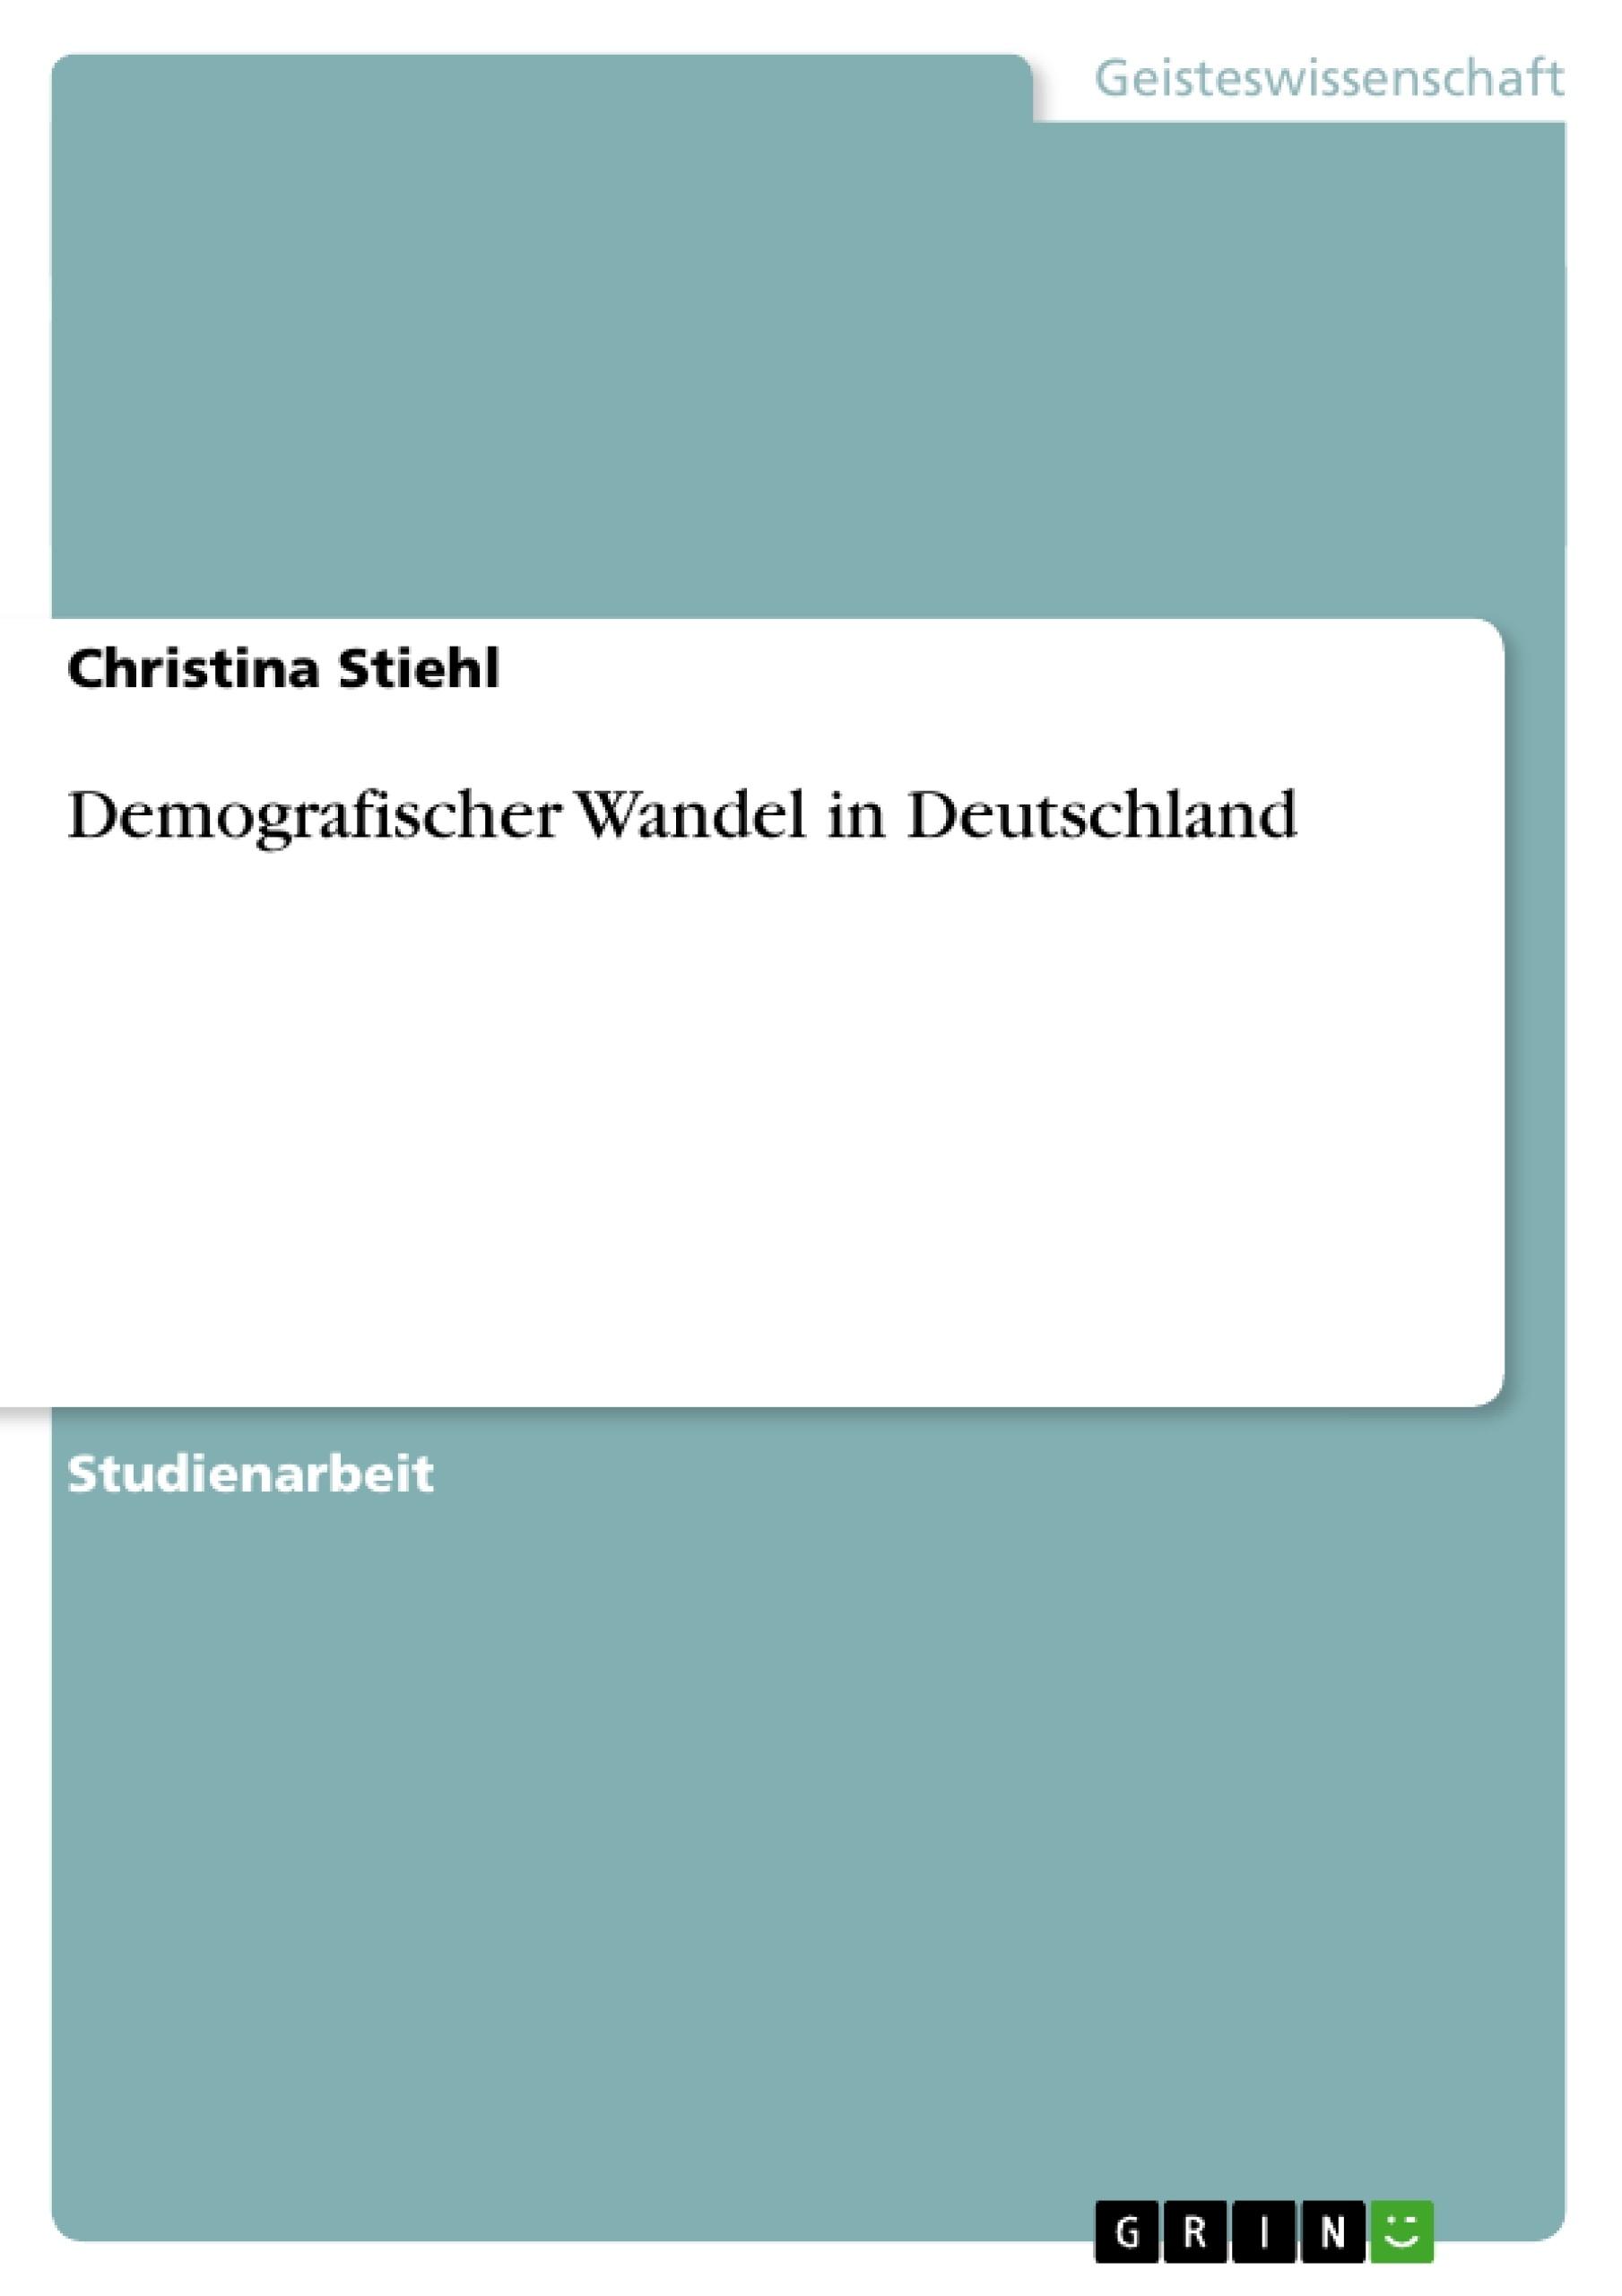 Titel: Demografischer Wandel in Deutschland